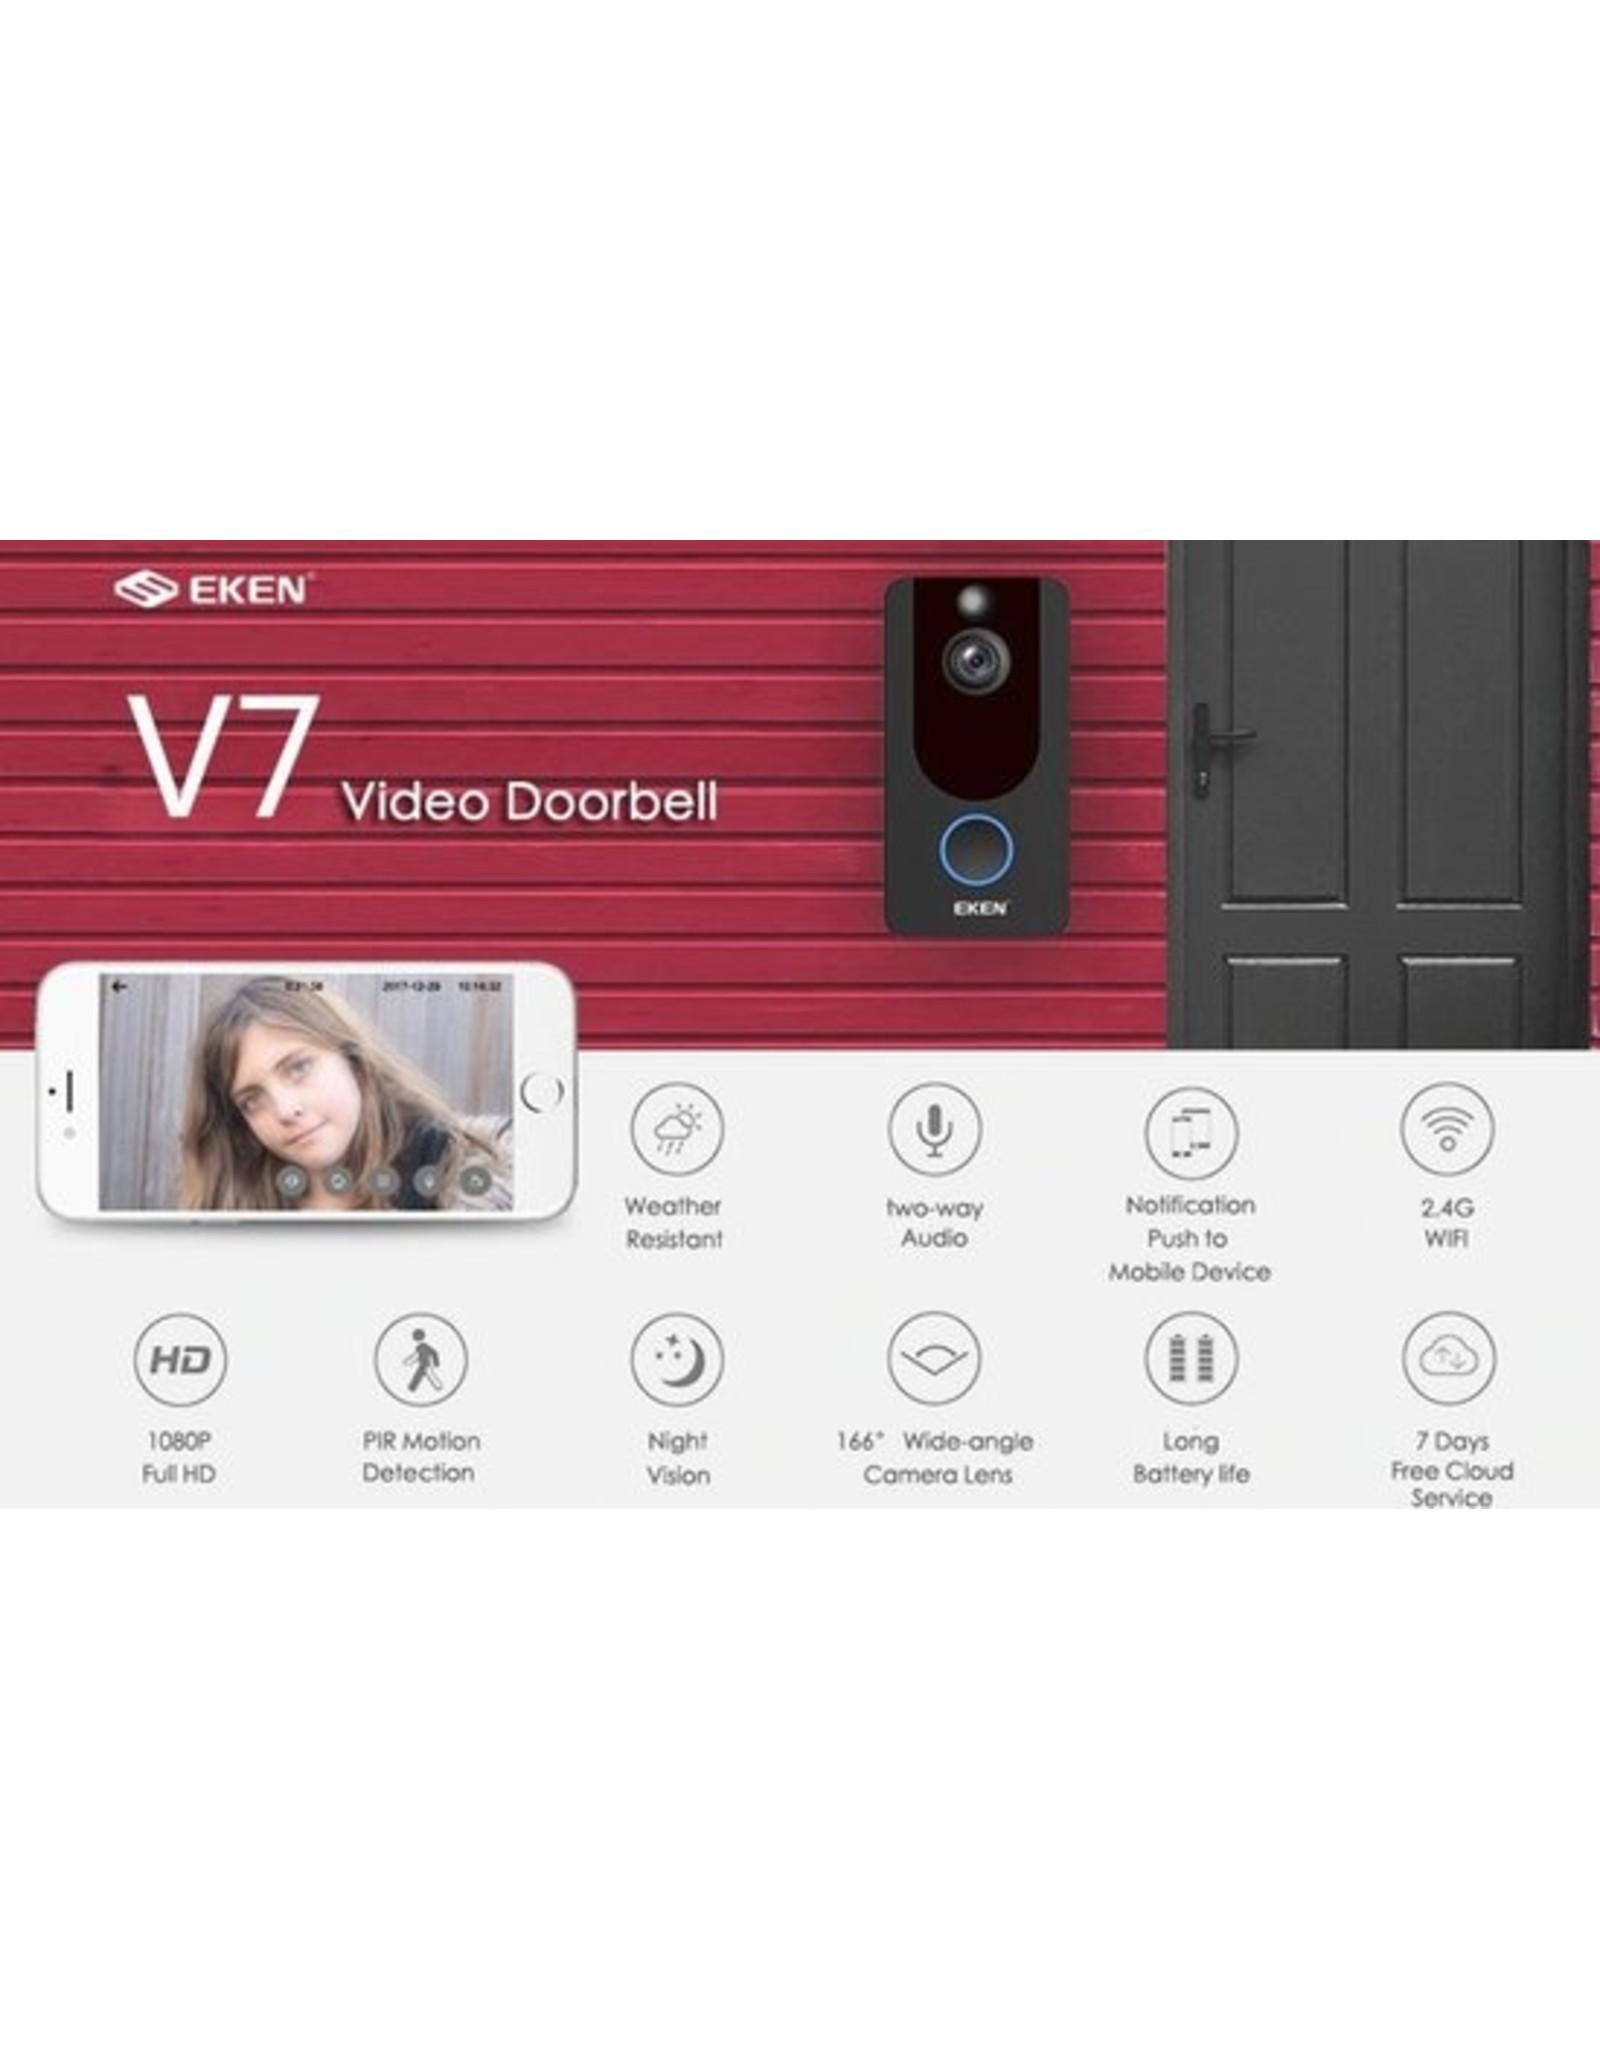 EKEN V7 HD video doorbell with camera - EV